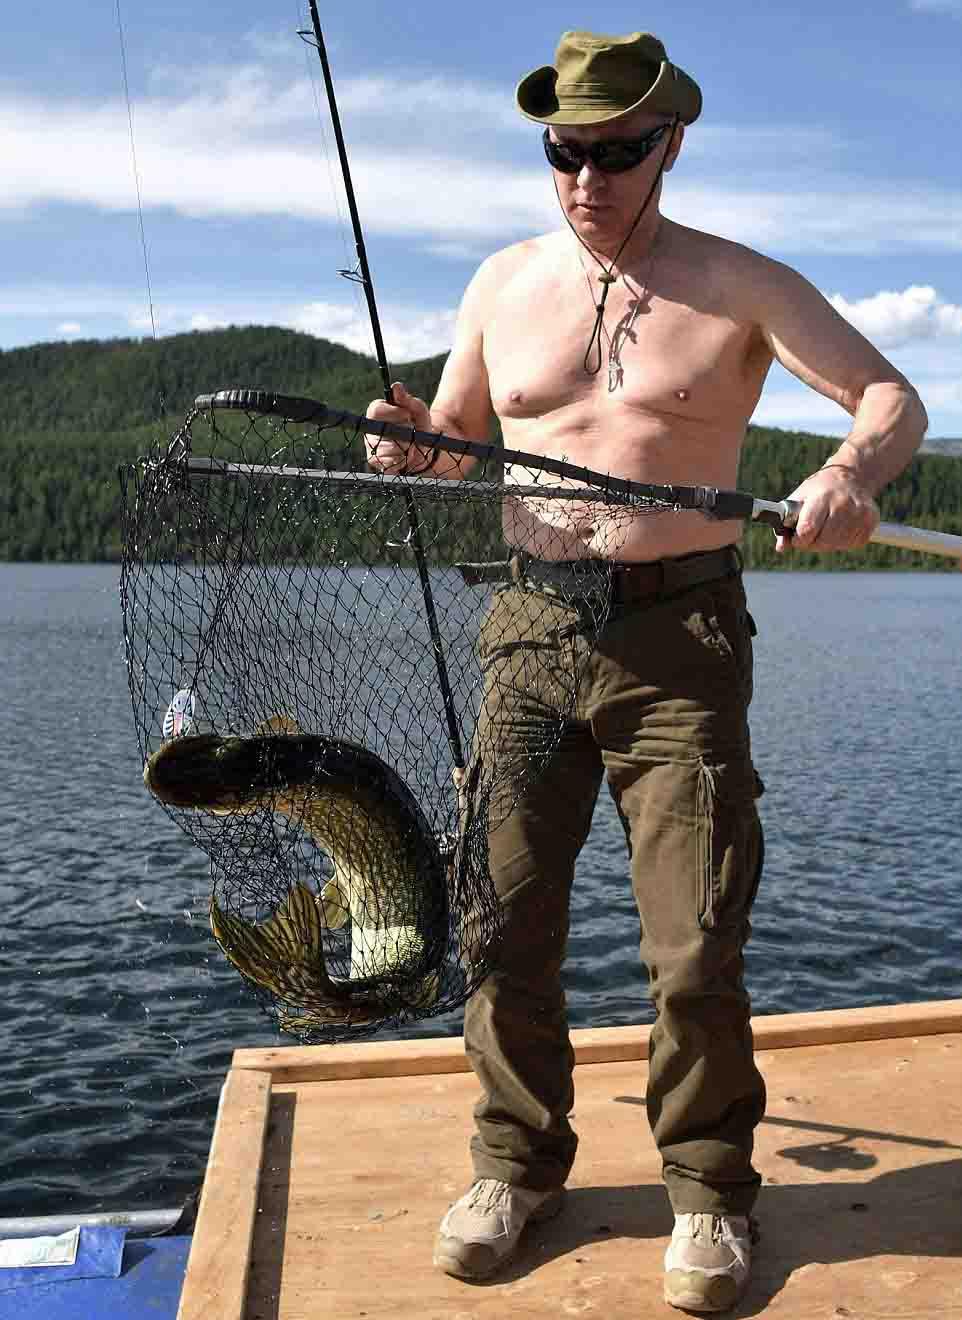 Putin cởi trần, tận hưởng kỳ nghỉ hè tràn đầy ánh nắng - 5